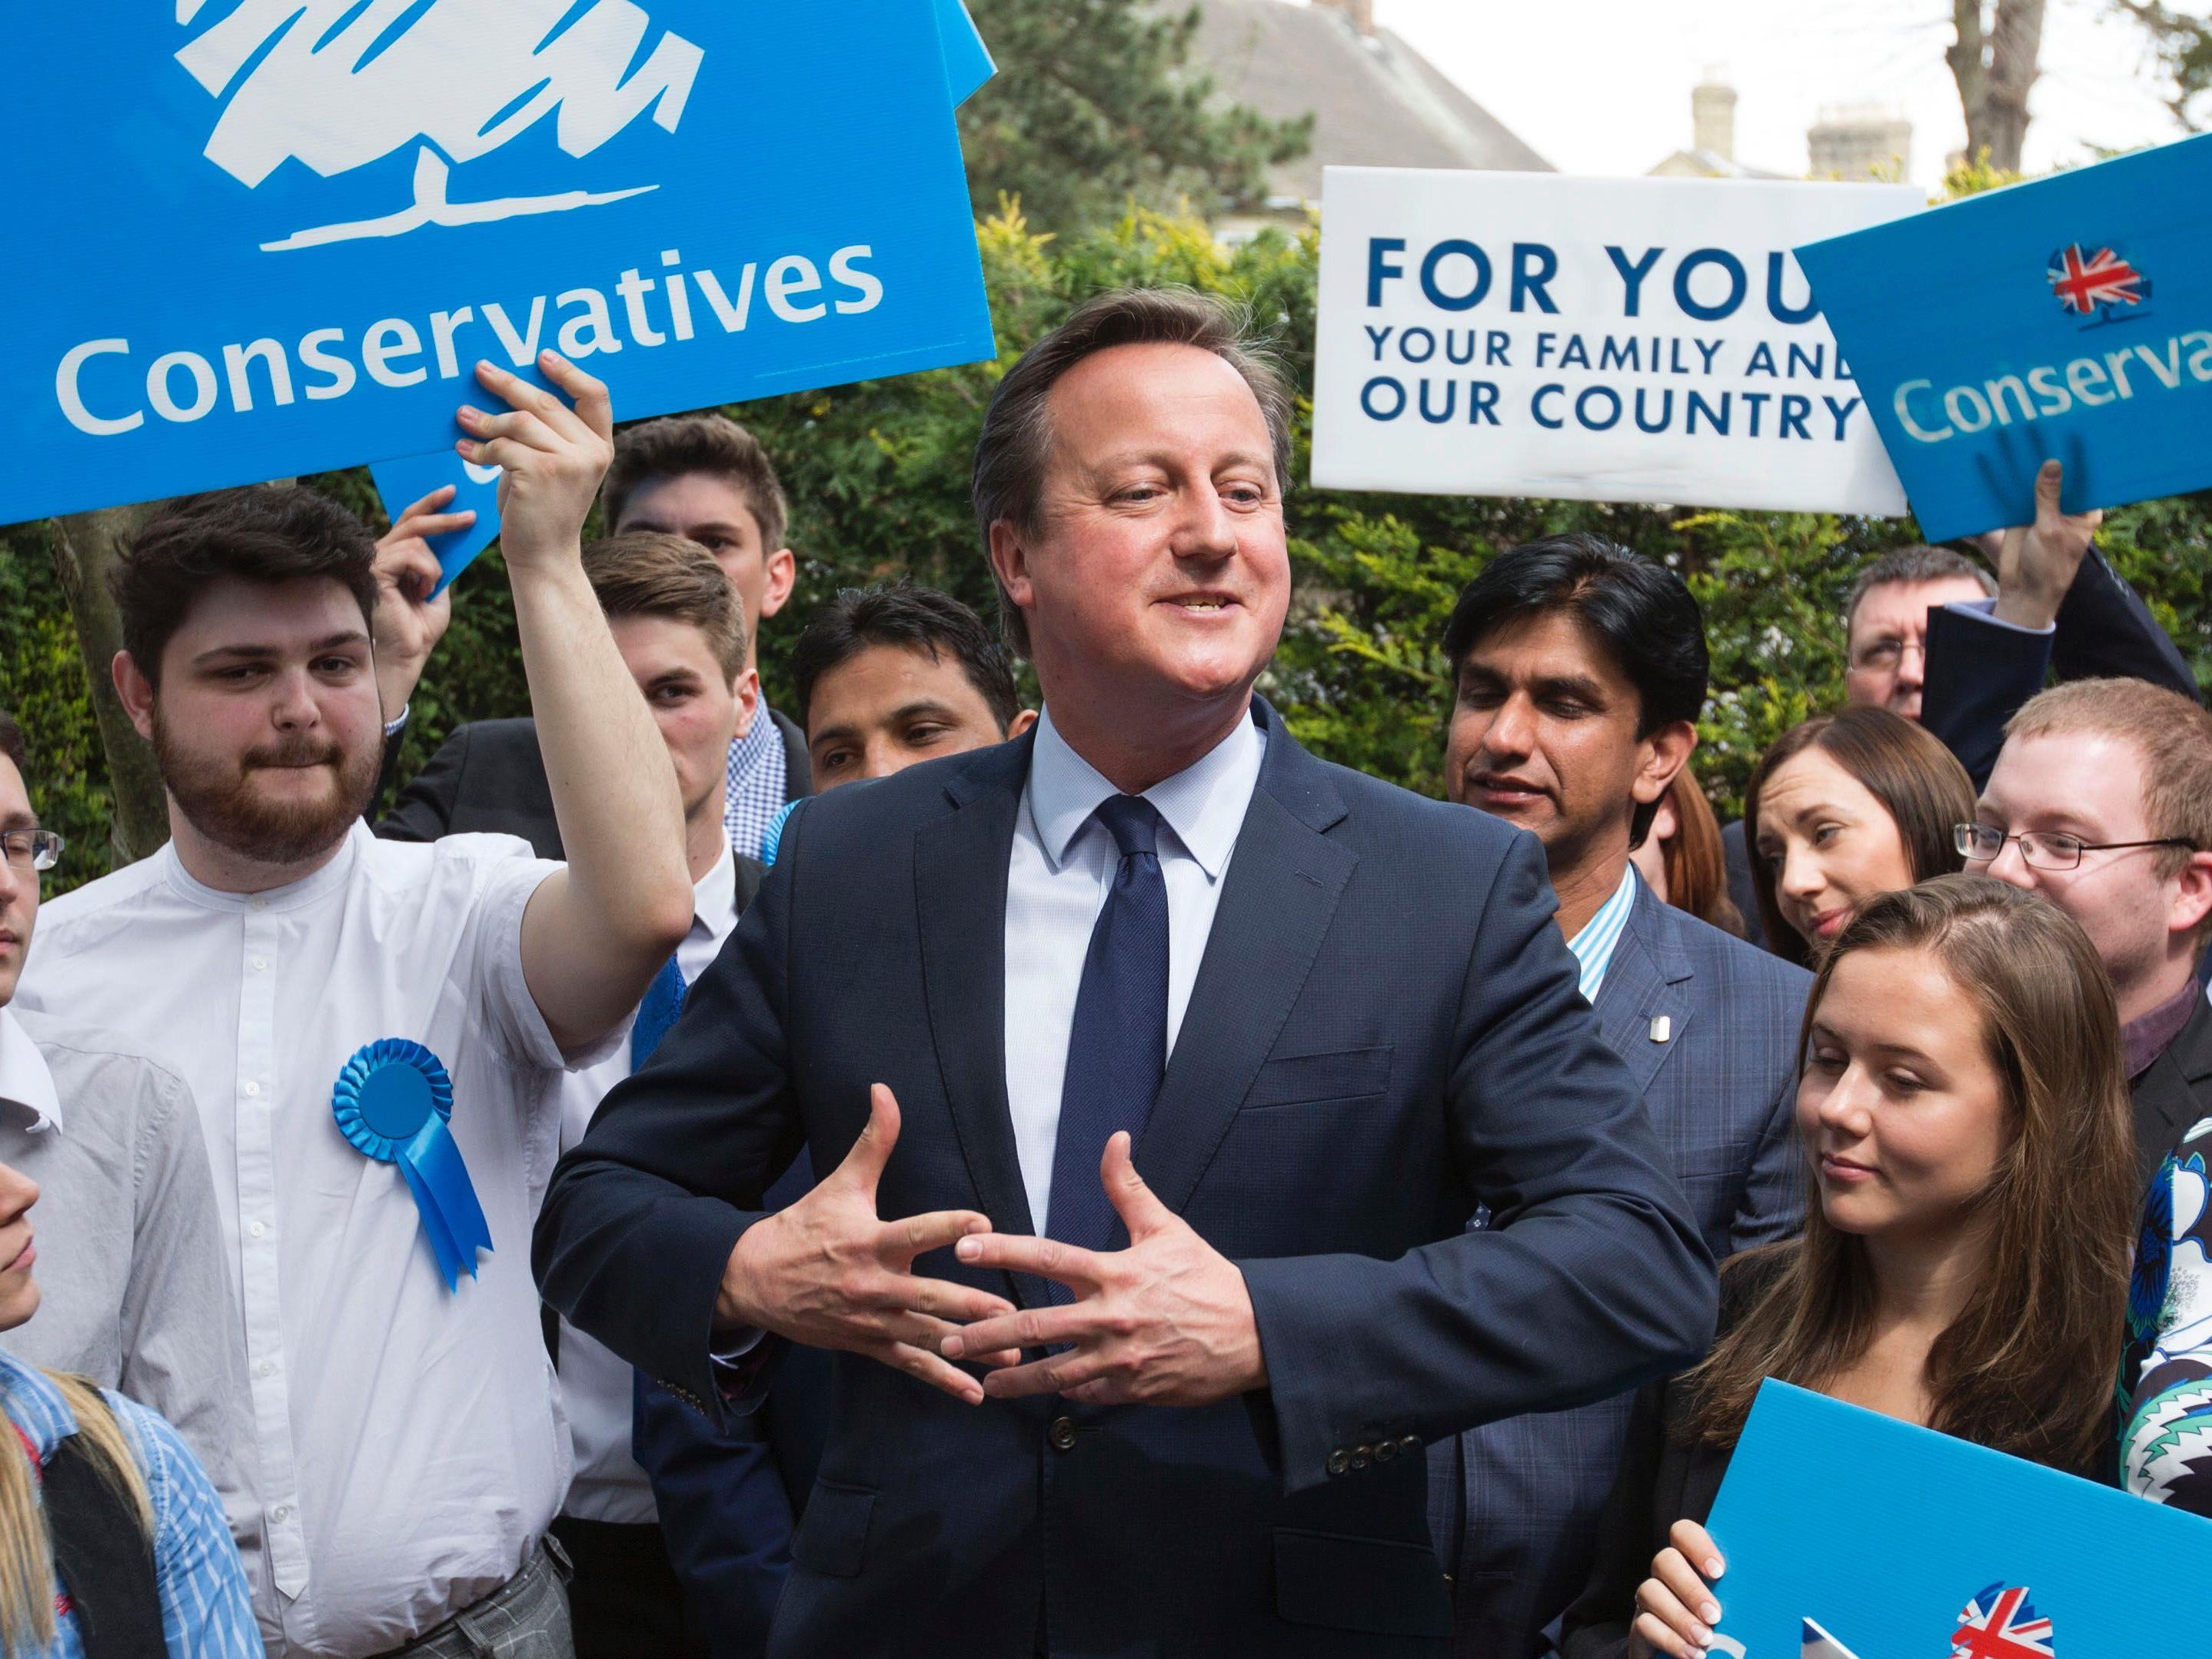 Die britische Regierung unter Premierminister David Cameron hat angekündigt, dass am 23. Juni 2016 ein Referendum zum Verbleib Großbritanniens in der EU abgehalten wird.